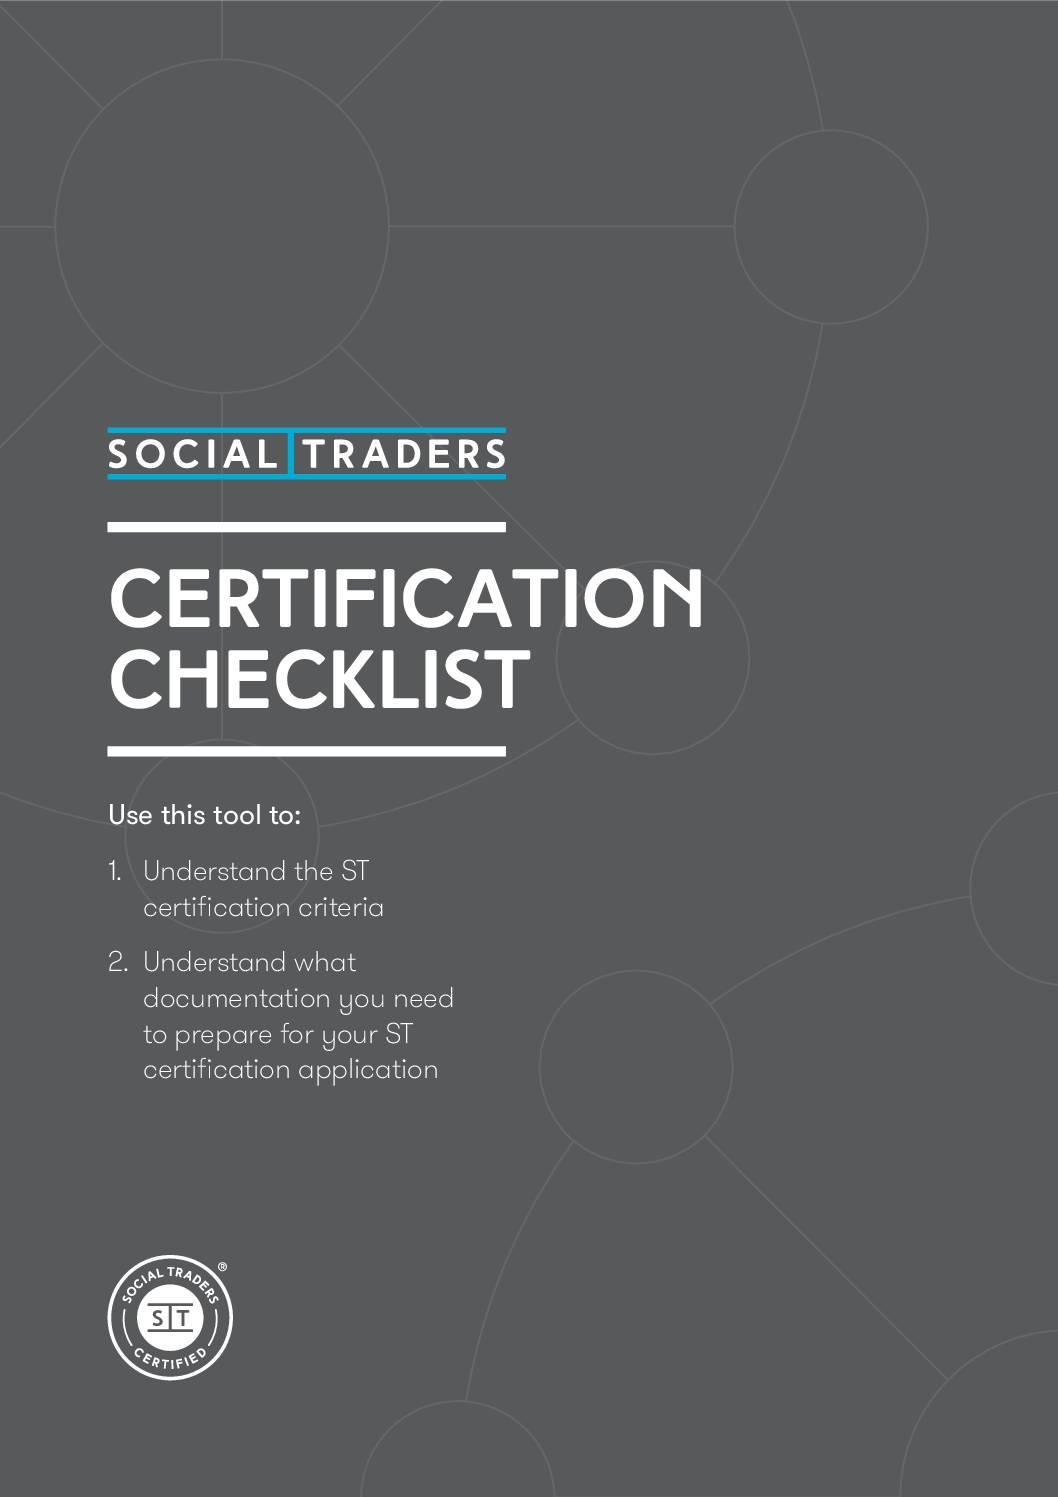 Social Traders Certification Checklist